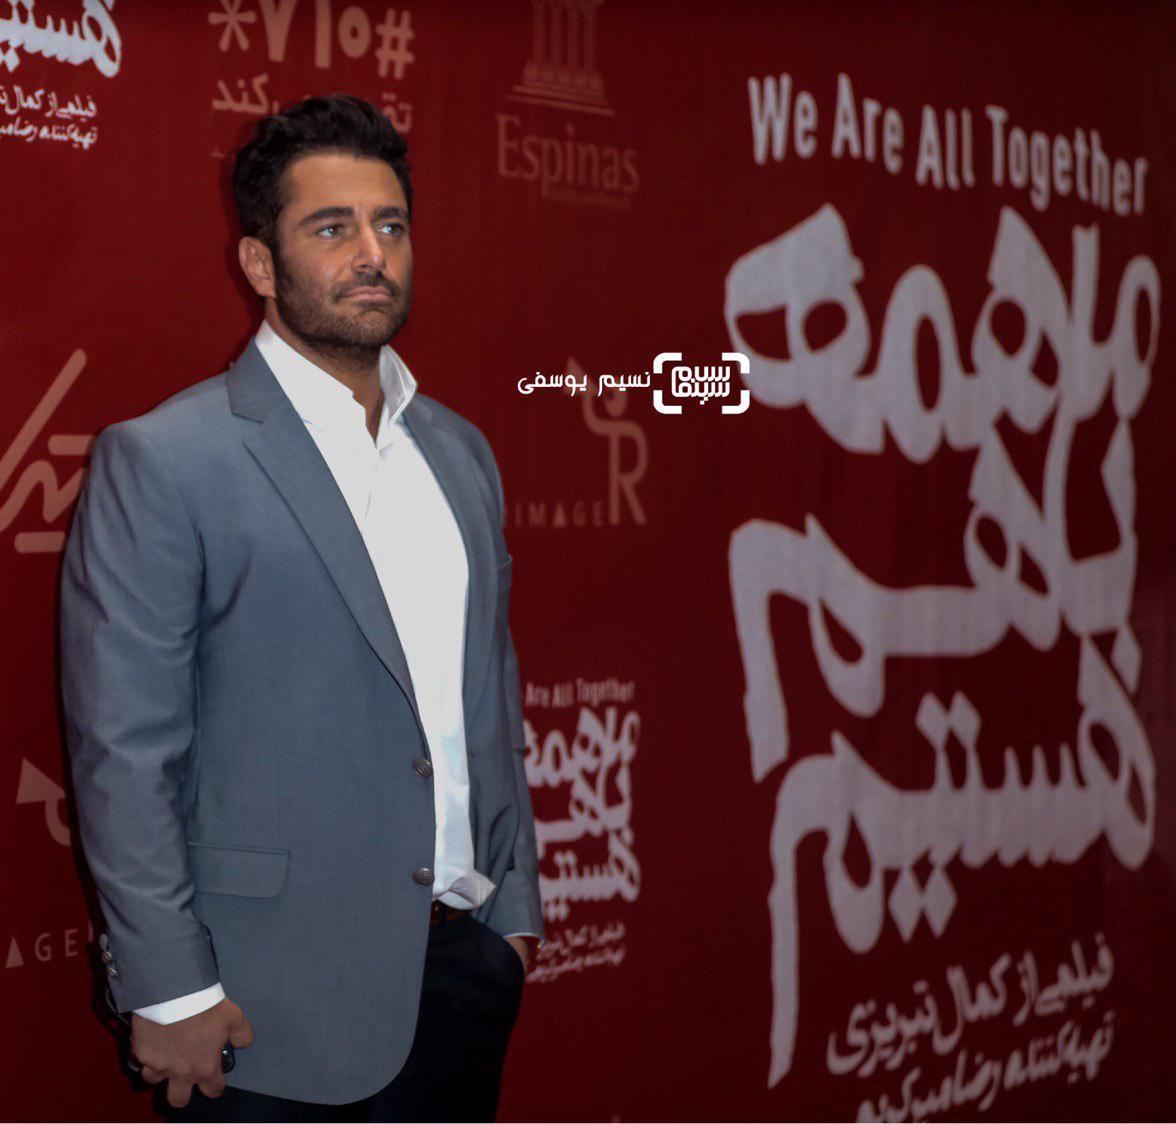 عکسمحمدرضا گلزار در اکران فیلم «ما همه با هم هستیم»